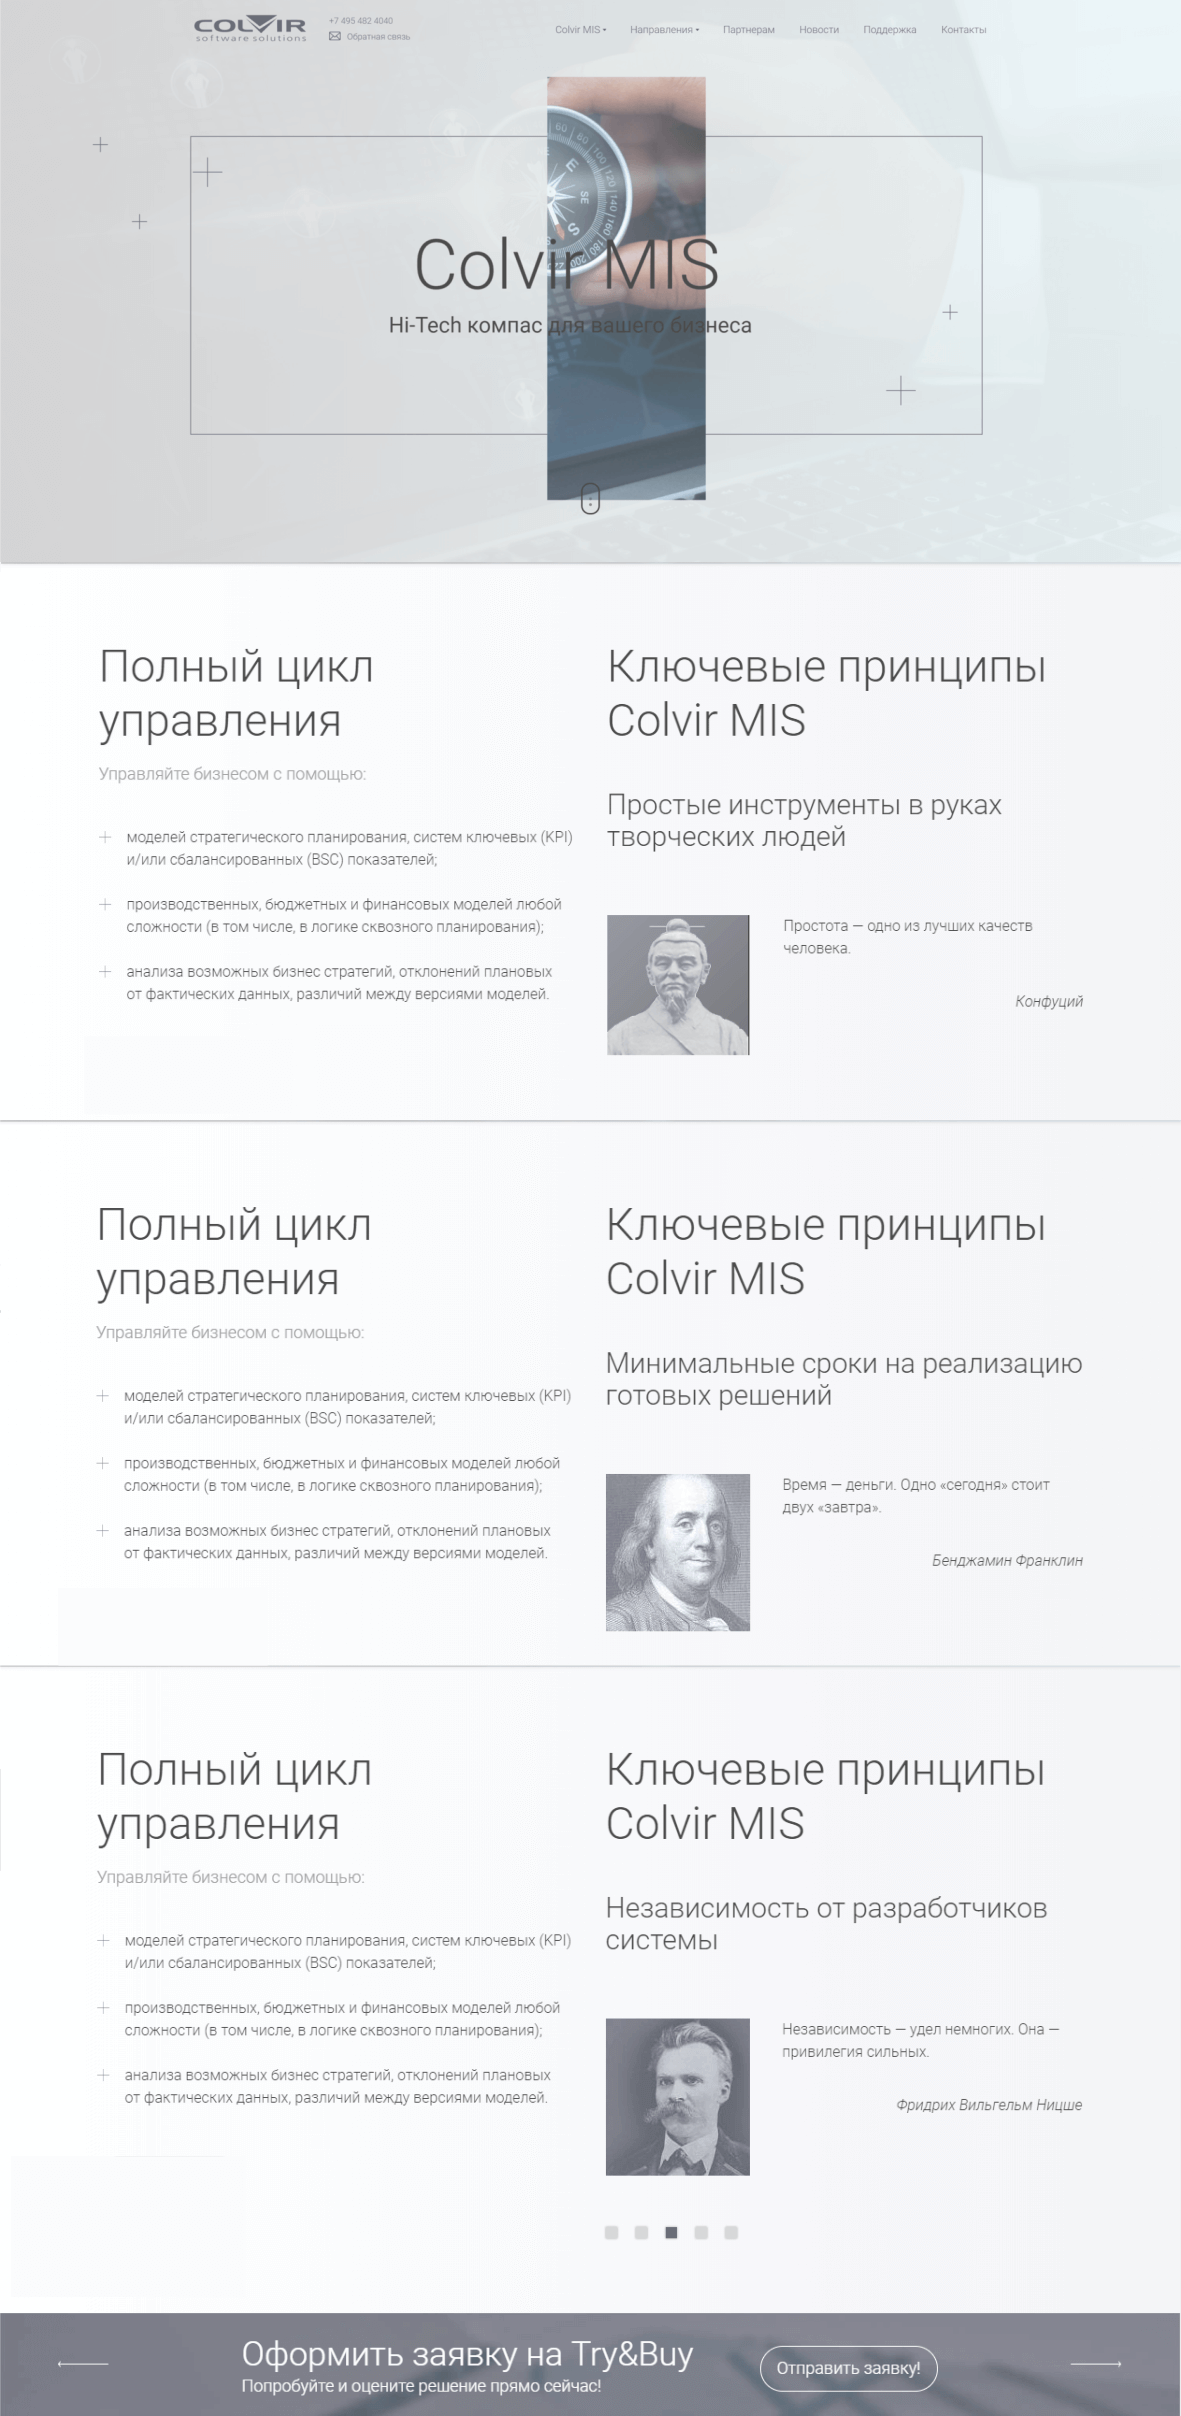 <p>Для этого проекта баланс между информативностью идизайн-элементами настранице особенно важен. Мыподобрали удачное фото для промоблока, использовав ассоциацию решения Colvir скомпасом, аЗаказчик усилил идею промоблока подходящим посмыслу текстом, атакже подобрал кключевым принципам системы Colvir MIS подходящие цитаты.</p>